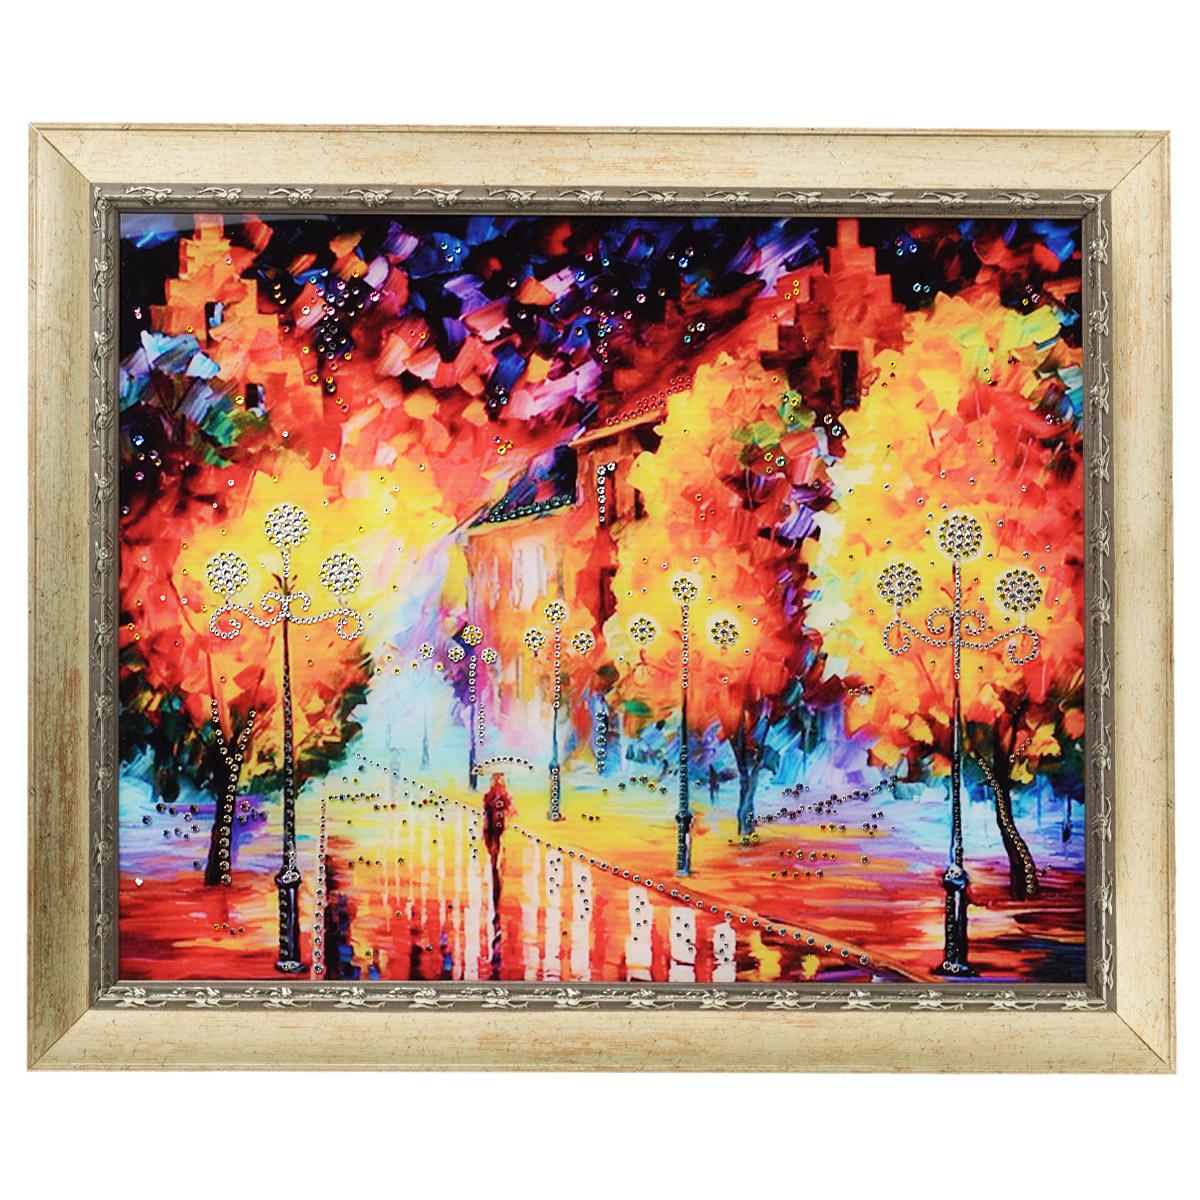 Картина с кристаллами Swarovski Фонари, 60 см х 50 см1303Изящная картина в багетной раме, инкрустирована кристаллами Swarovski, которые отличаются четкой и ровной огранкой, ярким блеском и чистотой цвета. Красочное изображение ночных фонарей, расположенное под стеклом, прекрасно дополняет блеск кристаллов. С обратной стороны имеется металлическая проволока для размещения картины на стене. Картина с кристаллами Swarovski Фонари элегантно украсит интерьер дома или офиса, а также станет прекрасным подарком, который обязательно понравится получателю. Блеск кристаллов в интерьере, что может быть сказочнее и удивительнее. Картина упакована в подарочную картонную коробку синего цвета и комплектуется сертификатом соответствия Swarovski.